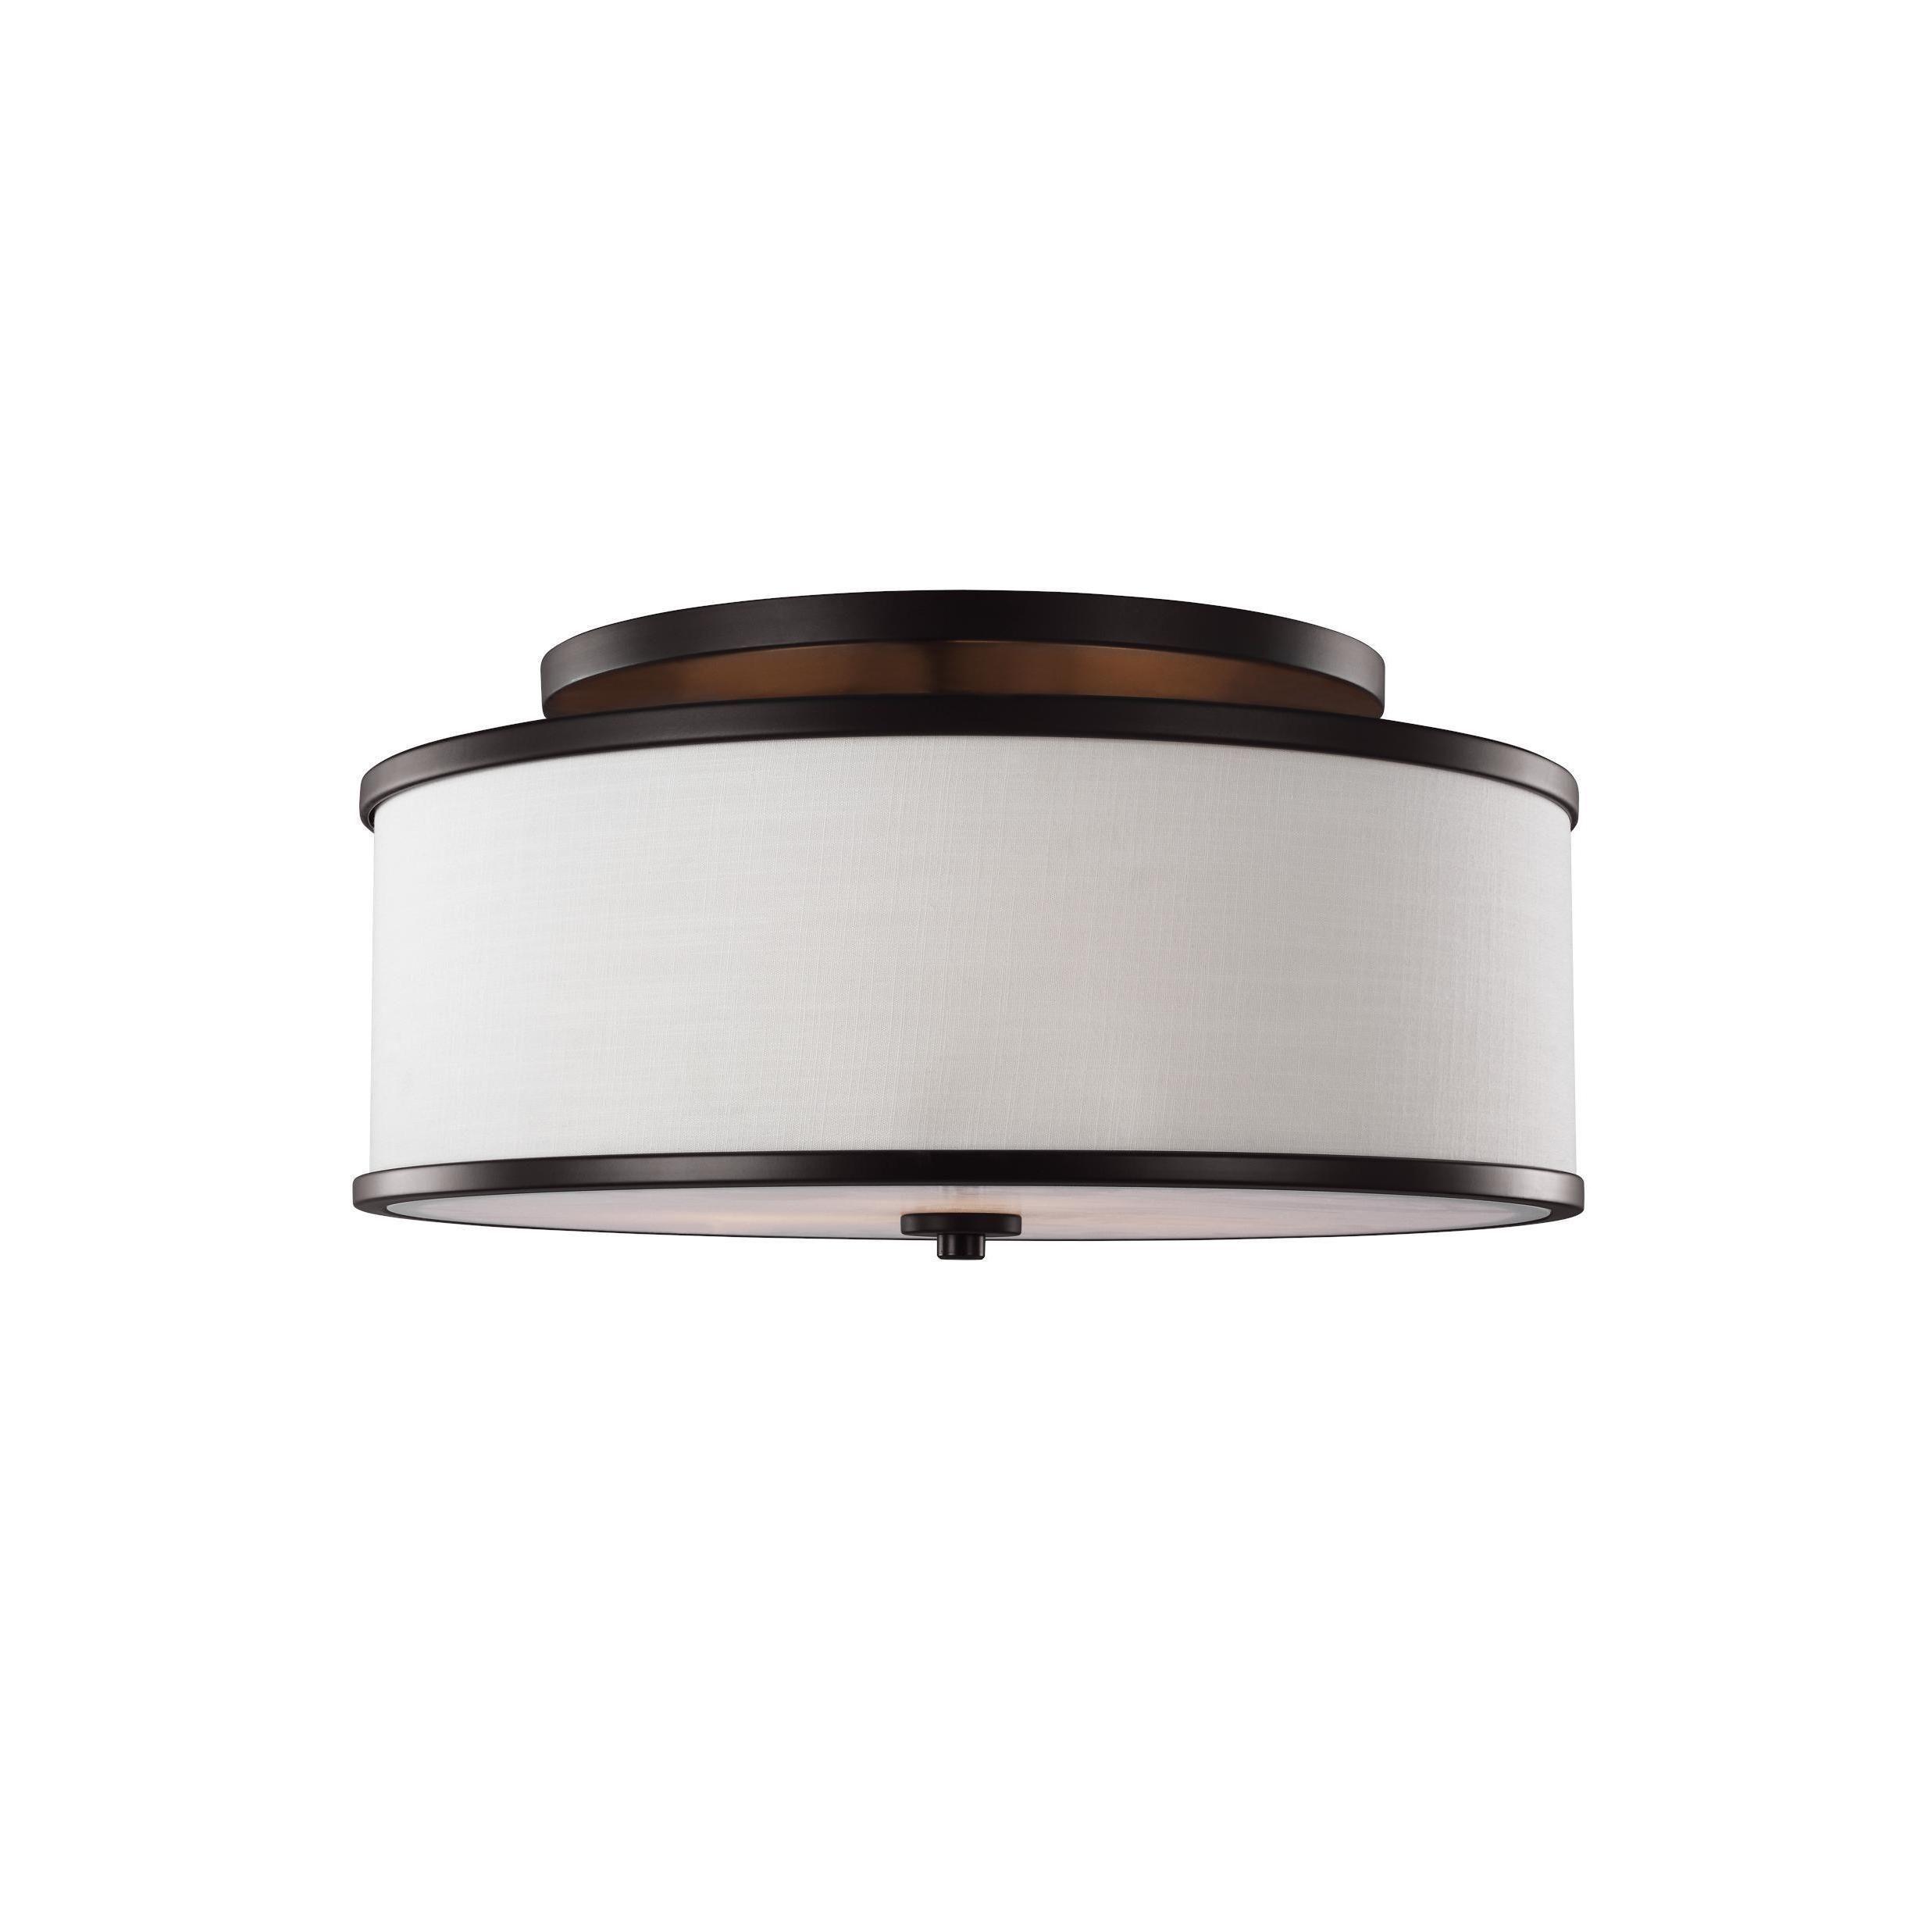 Hallway flush mount lighting  Feiss Lennon  Light Oil Rubbed Bronze SemiFlushmount   Light